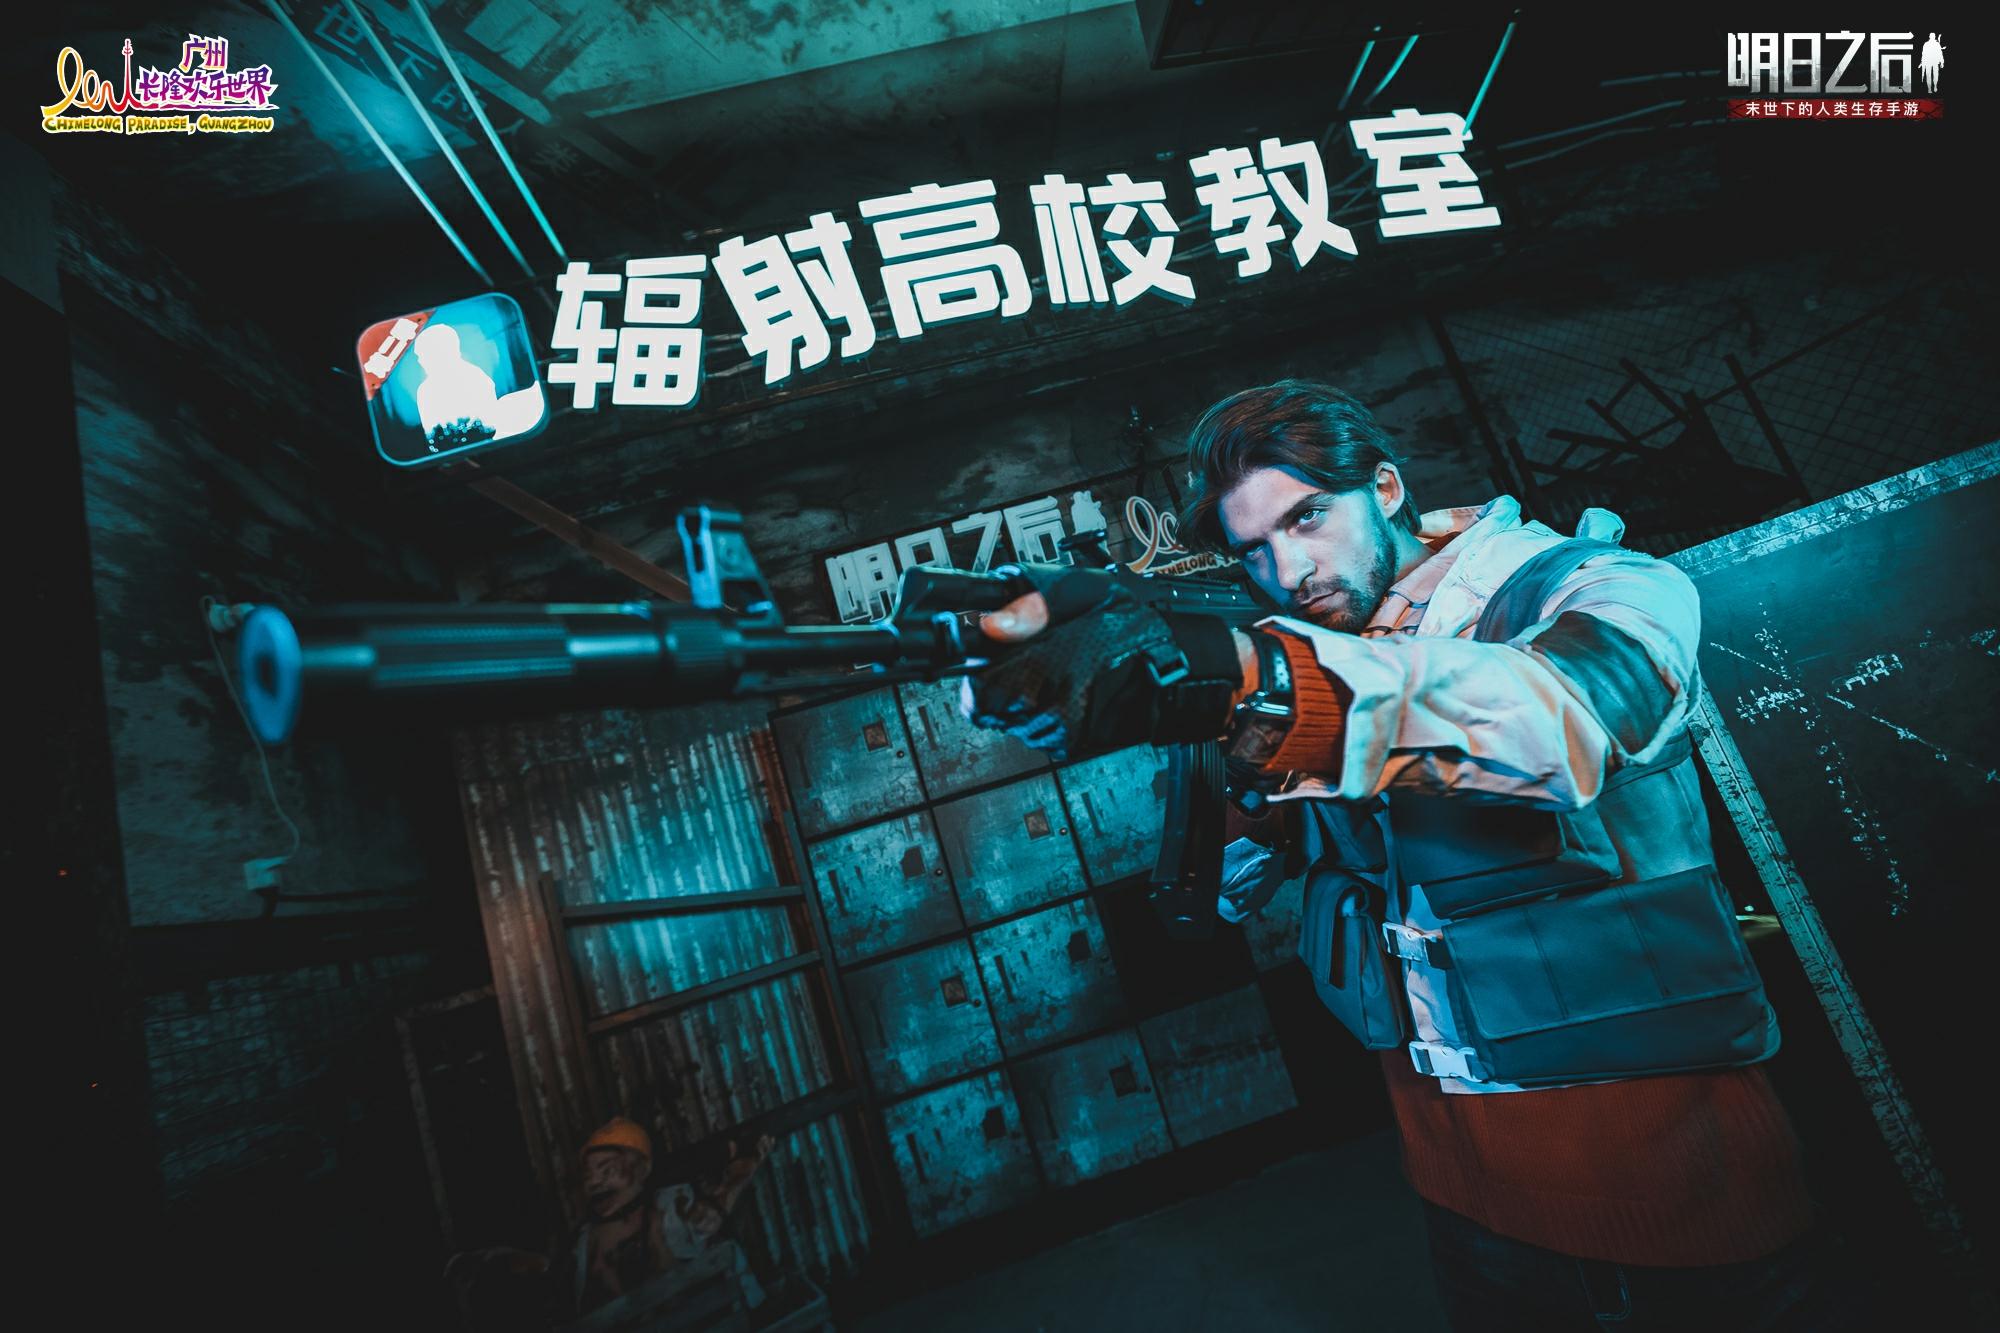 《明日之后》X 广州长隆,线下玩圣节末世之旅开启!